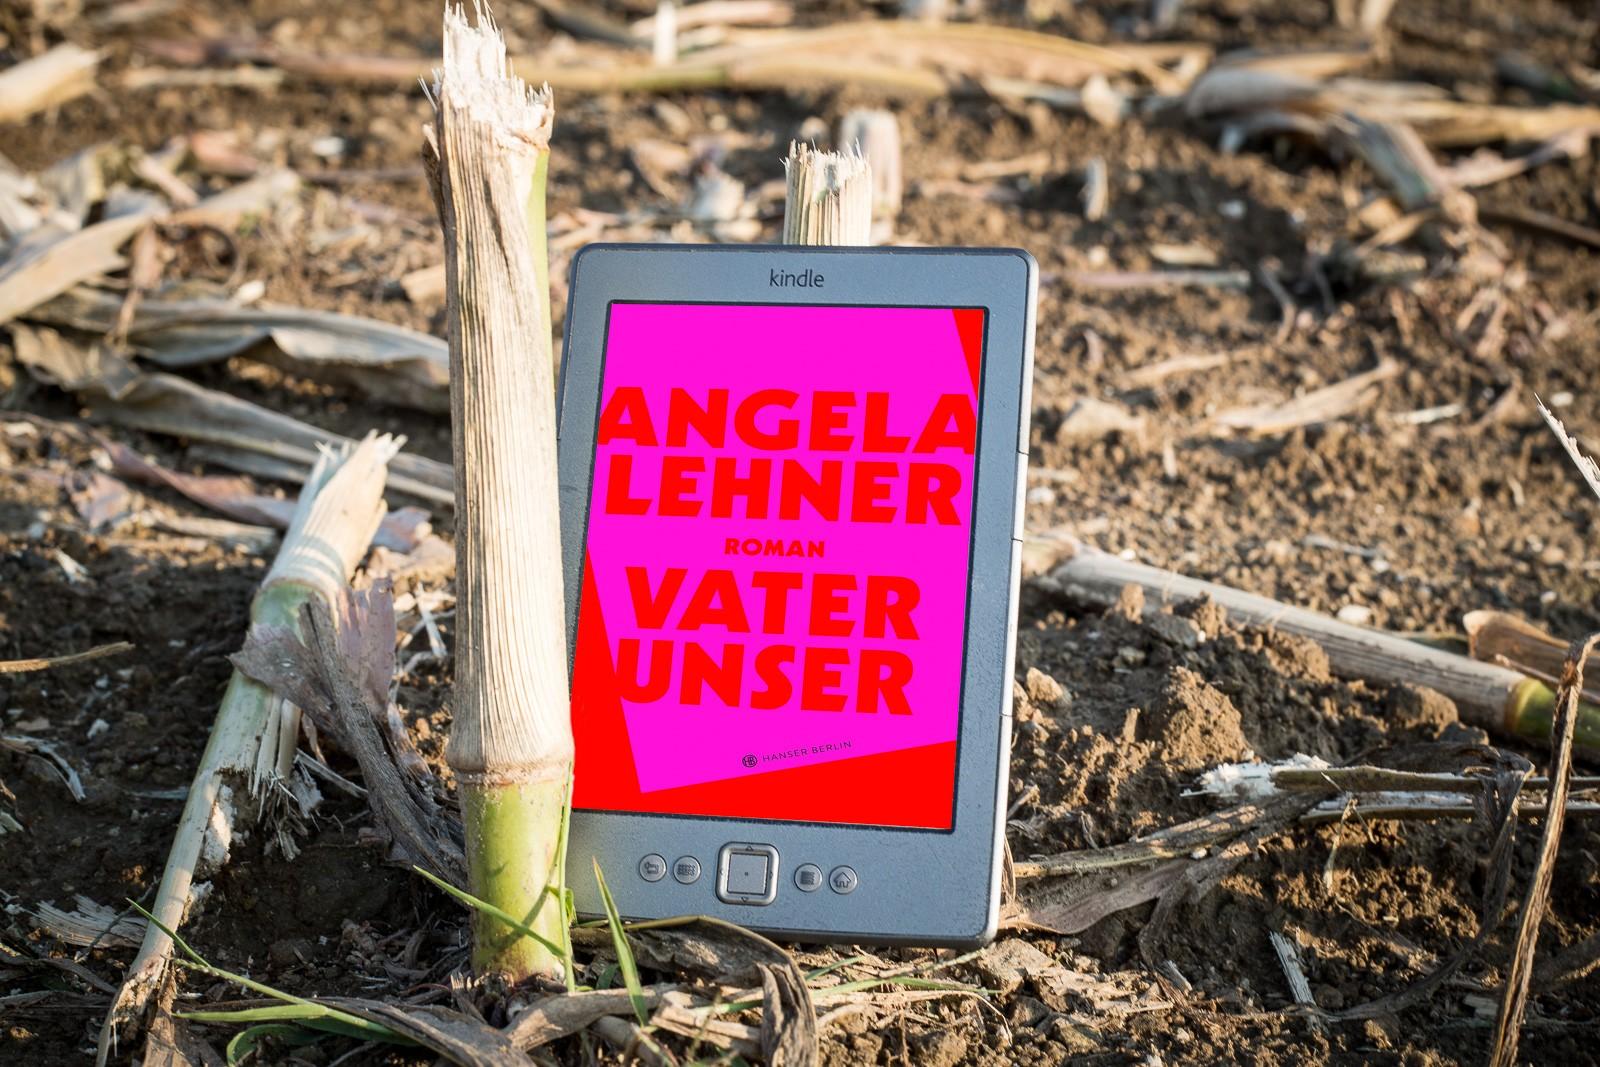 Vater unser - Angela Lehner